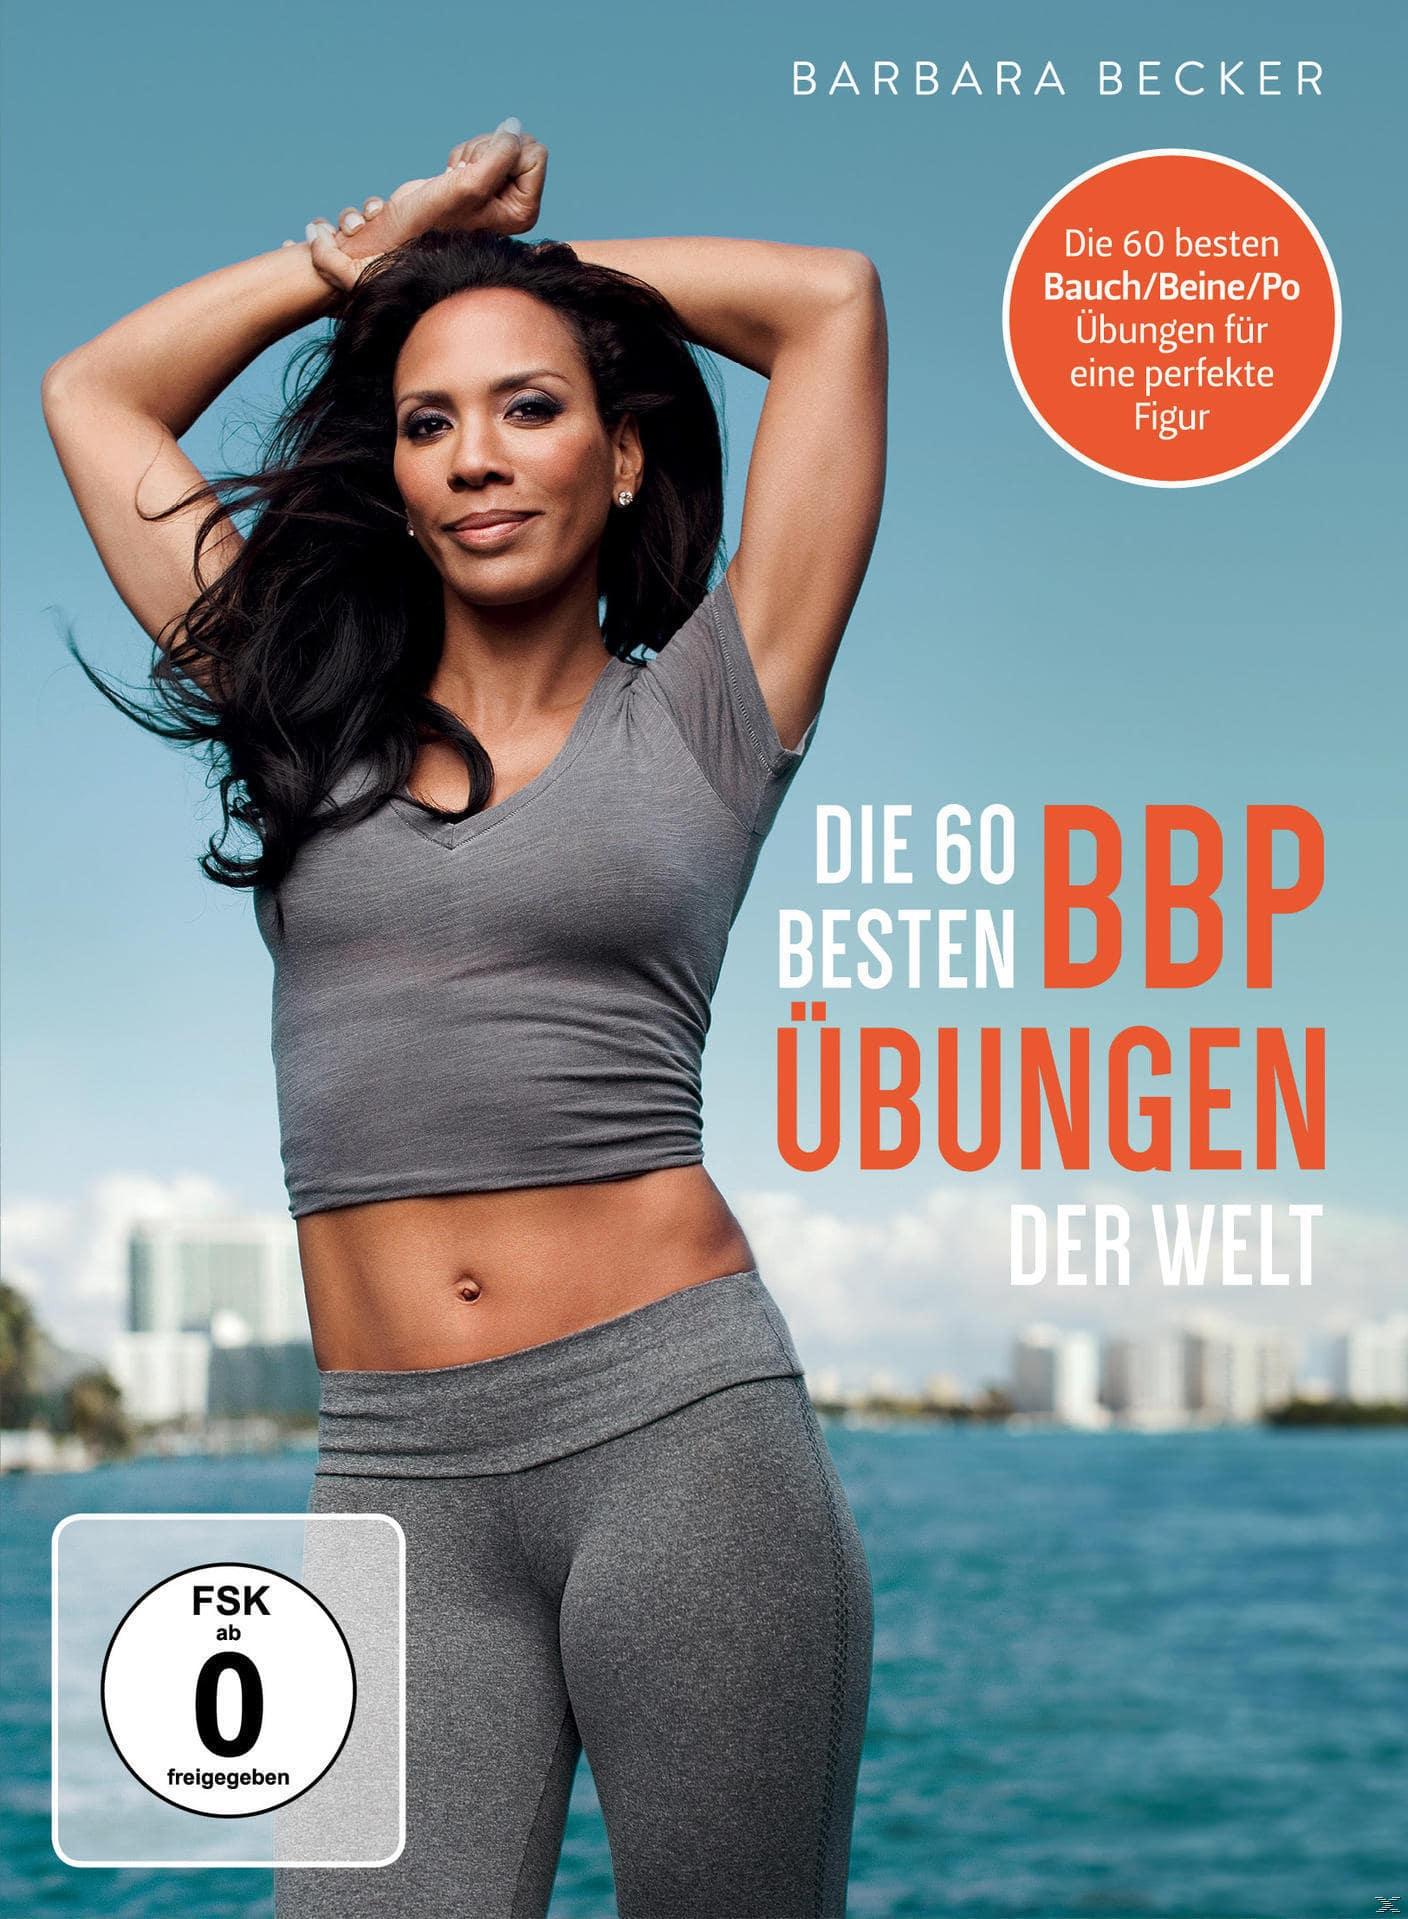 Barbara Becker - Die 60 besten Bauch Beine Po Übungen der Welt (DVD) für 21,99 Euro